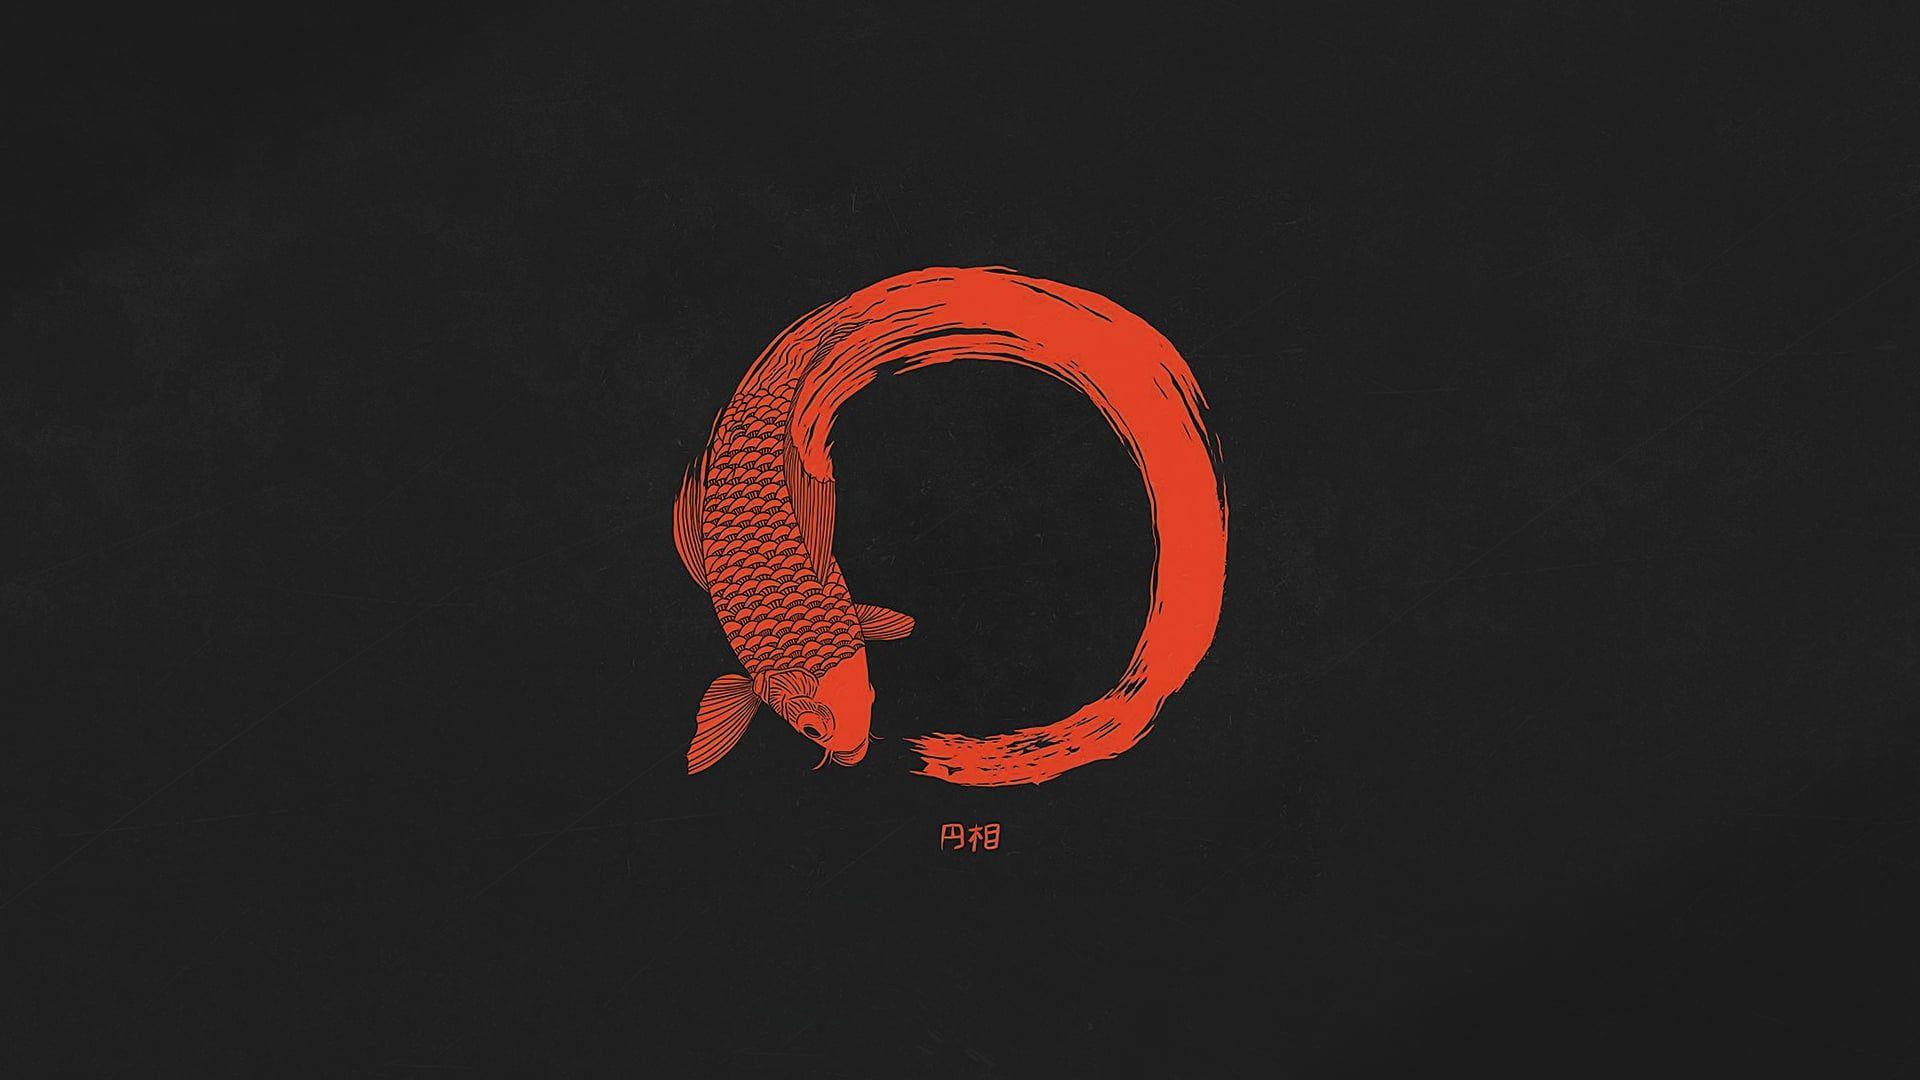 Orange Koi Fish Artwork Dark Minimalism Fish Red Ensō 1080p Wallpaper Hdwallpaper Desktop Di 2020